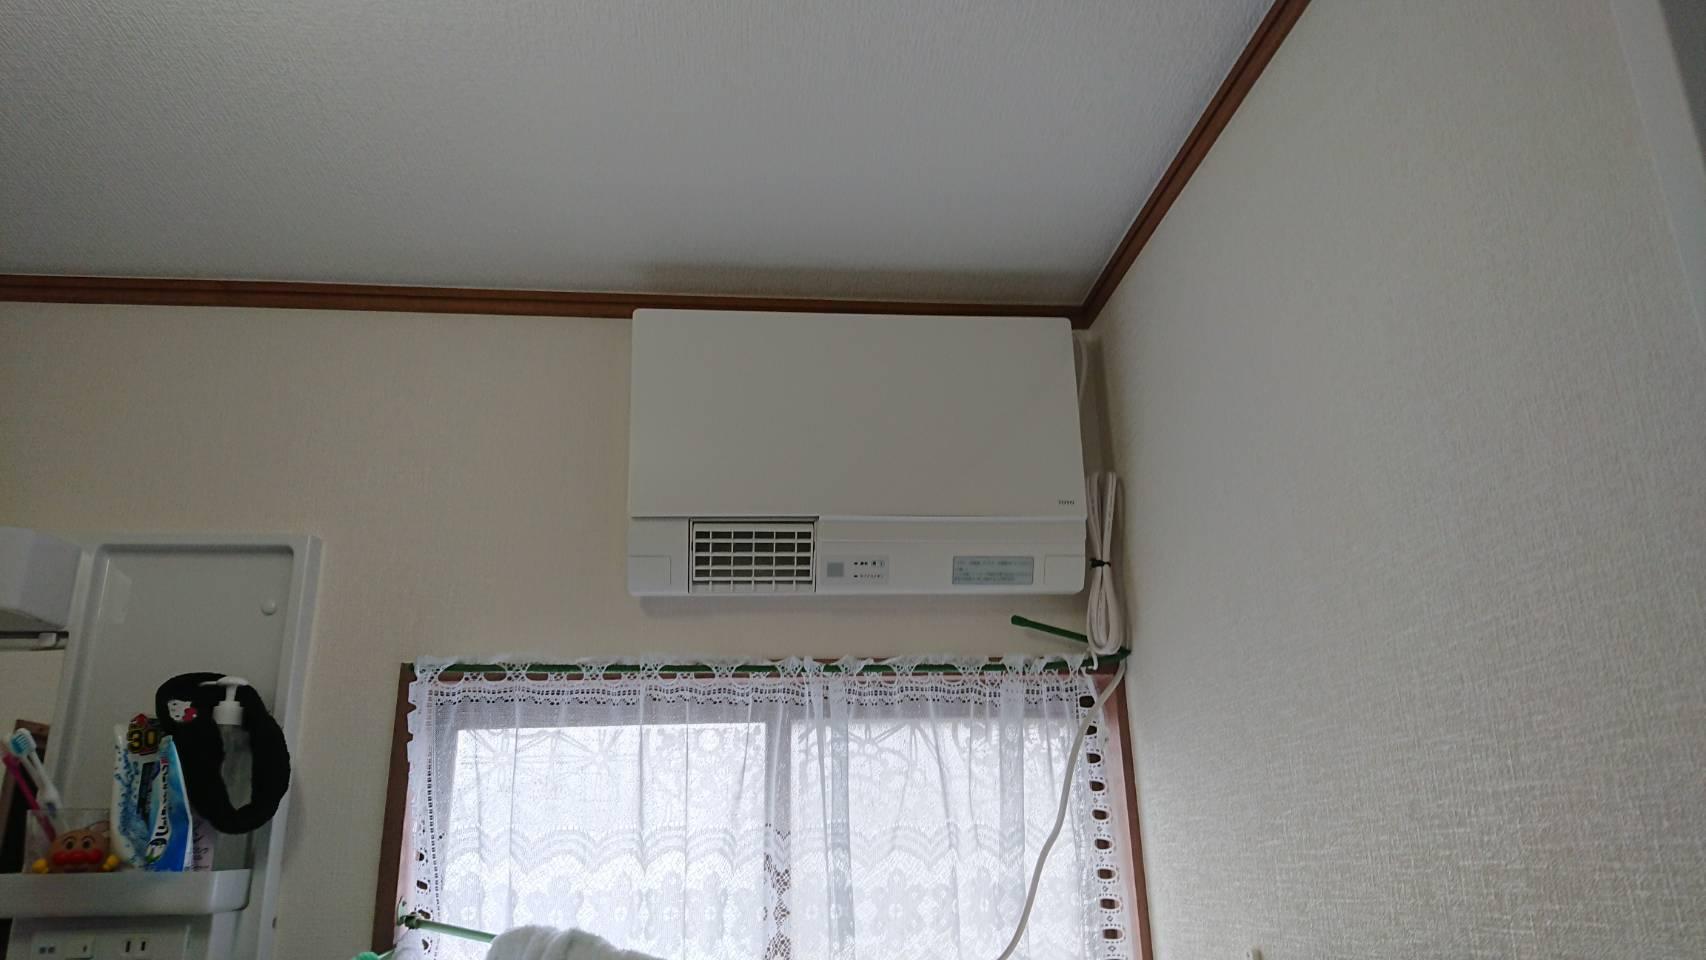 洗面所暖房機取り付け